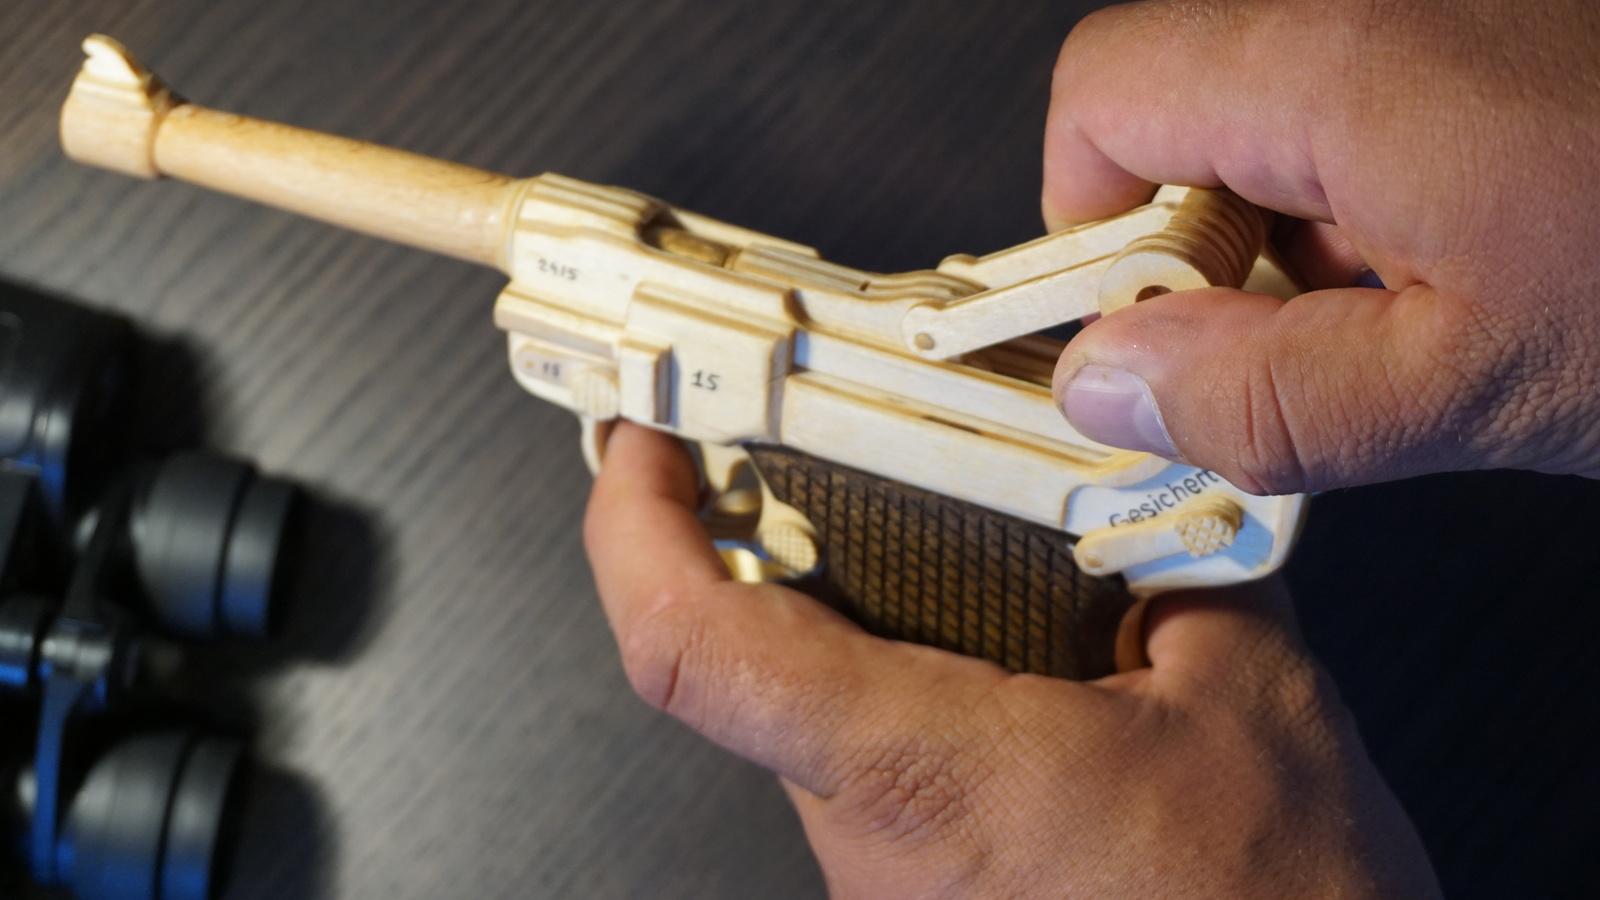 Люгер Парабеллум Р.08 из дерева своими руками можно, Люгер, имитацией, сложный, механизмом, всегда, выкройки, конце, сборке, разобрать, сделано, только, самом, вариант, Упрощенный, разбивкой, финиша, Инструкции, Выкройки, работу